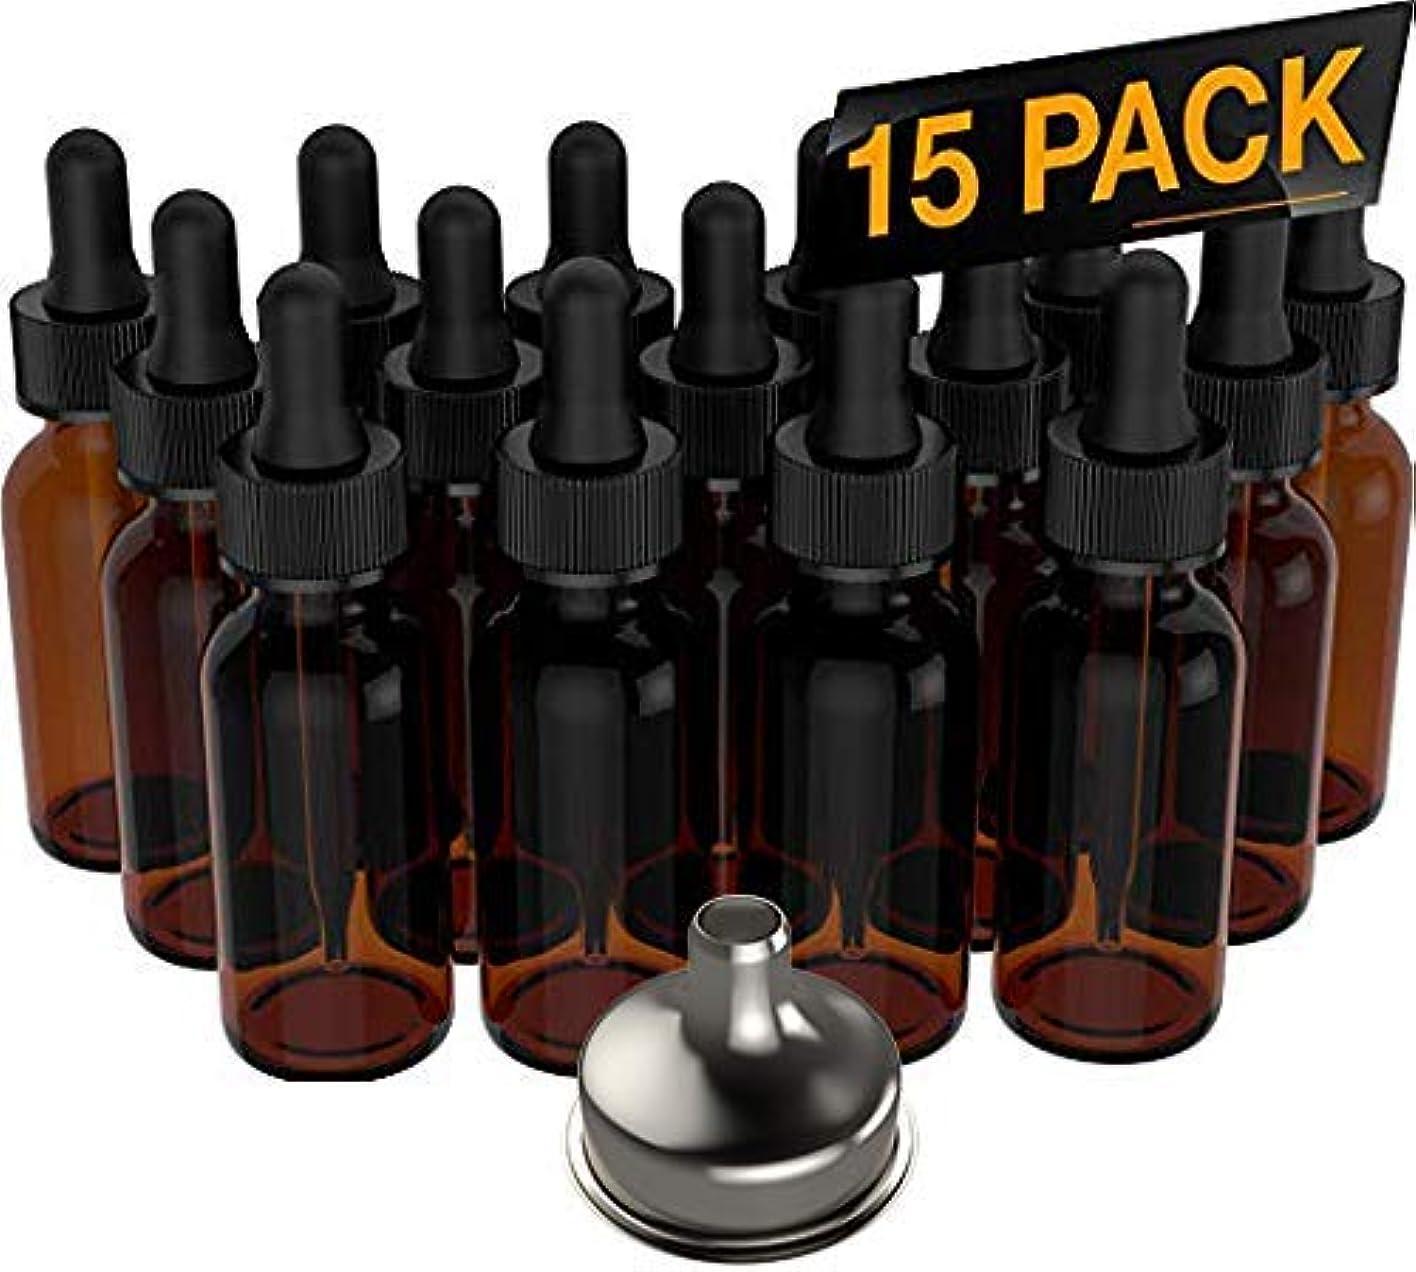 他のバンドで保持する絶壁15 Pack Essential Oil Bottles - Round Boston Empty Refillable Amber Bottle with Glass Dropper [ Free Stainless...